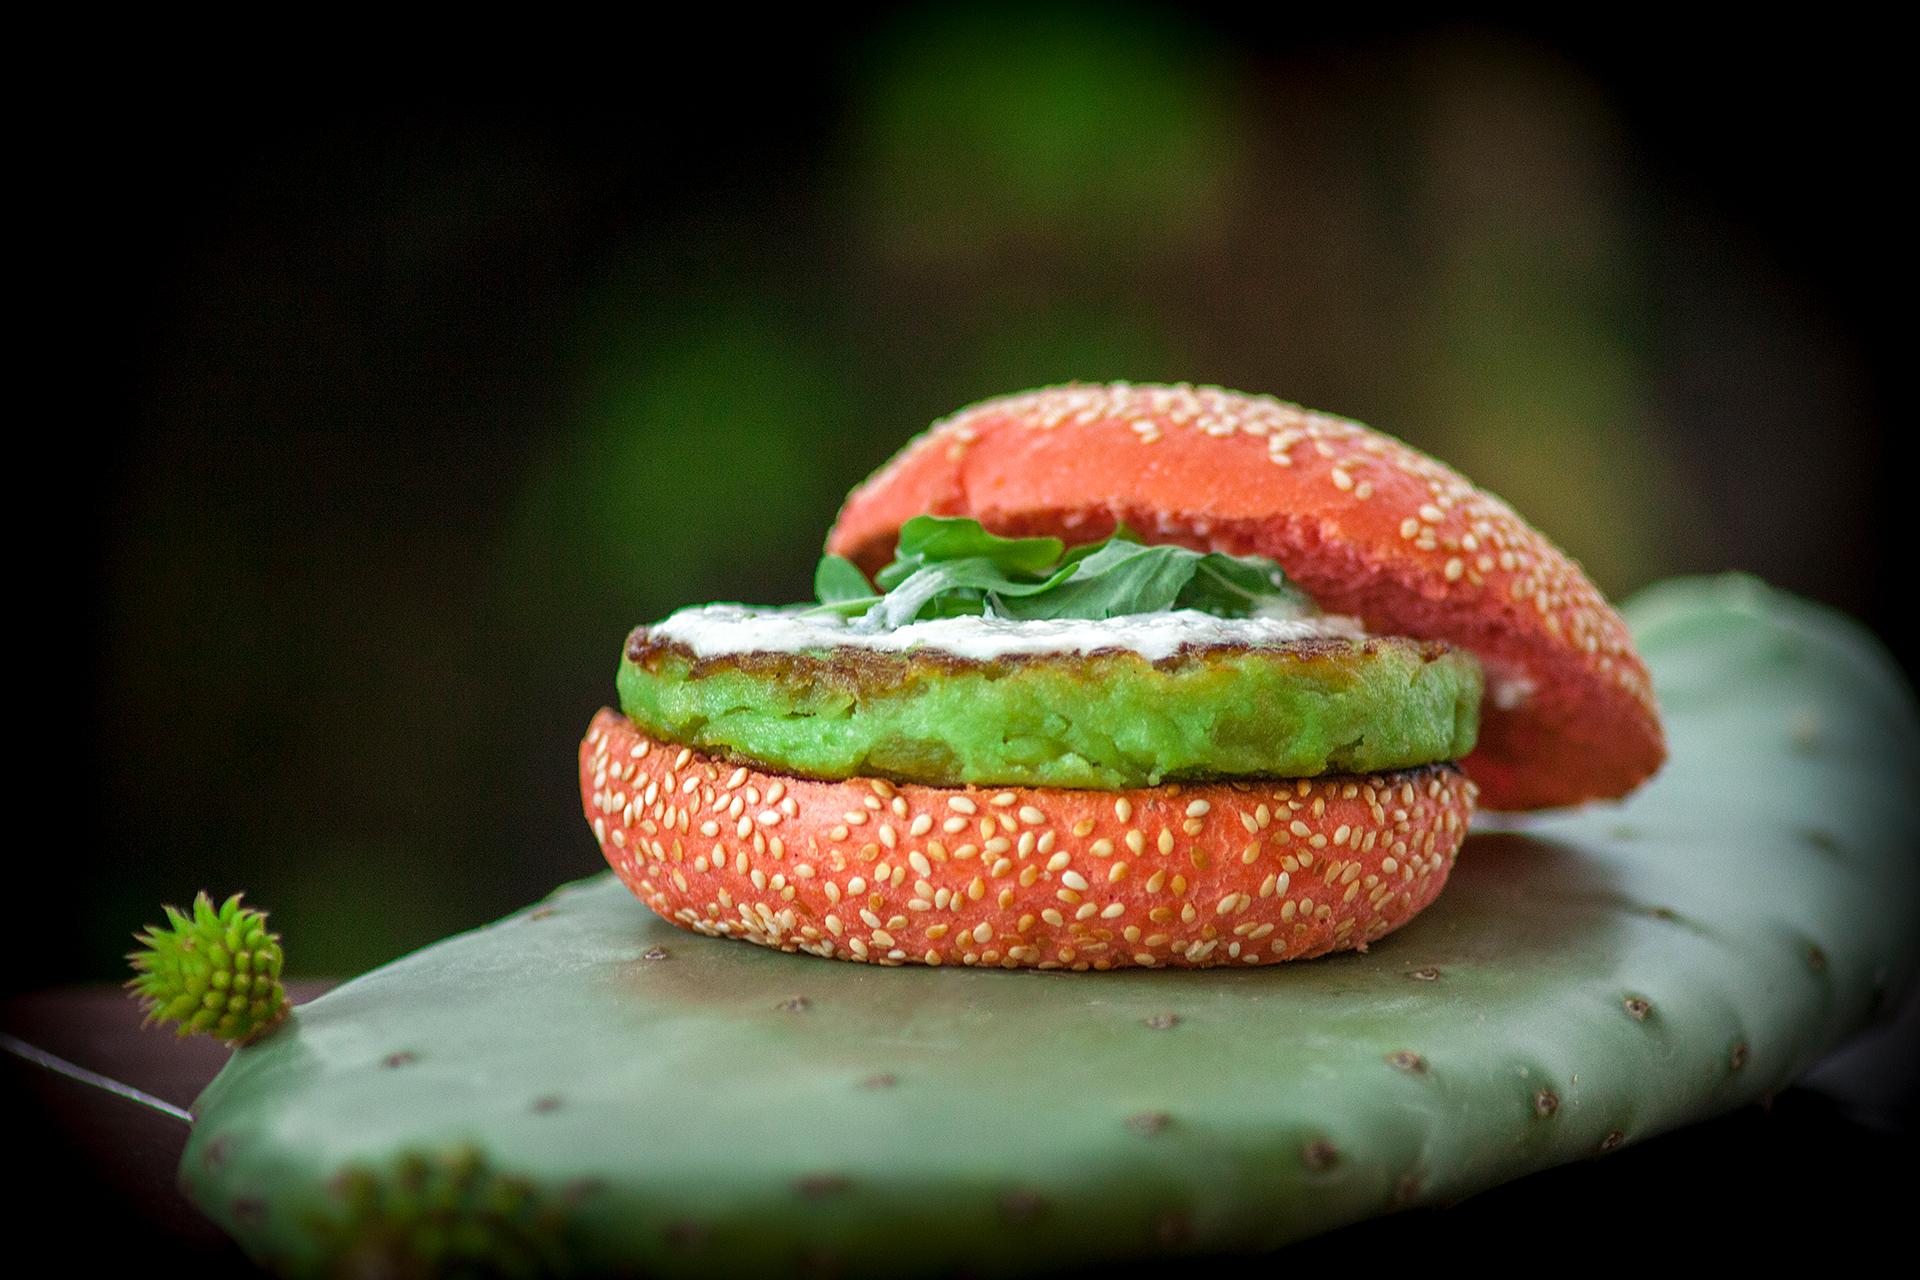 GastroEvents pone en marcha un concurso fotográfico sobre experiencias gastronómicas